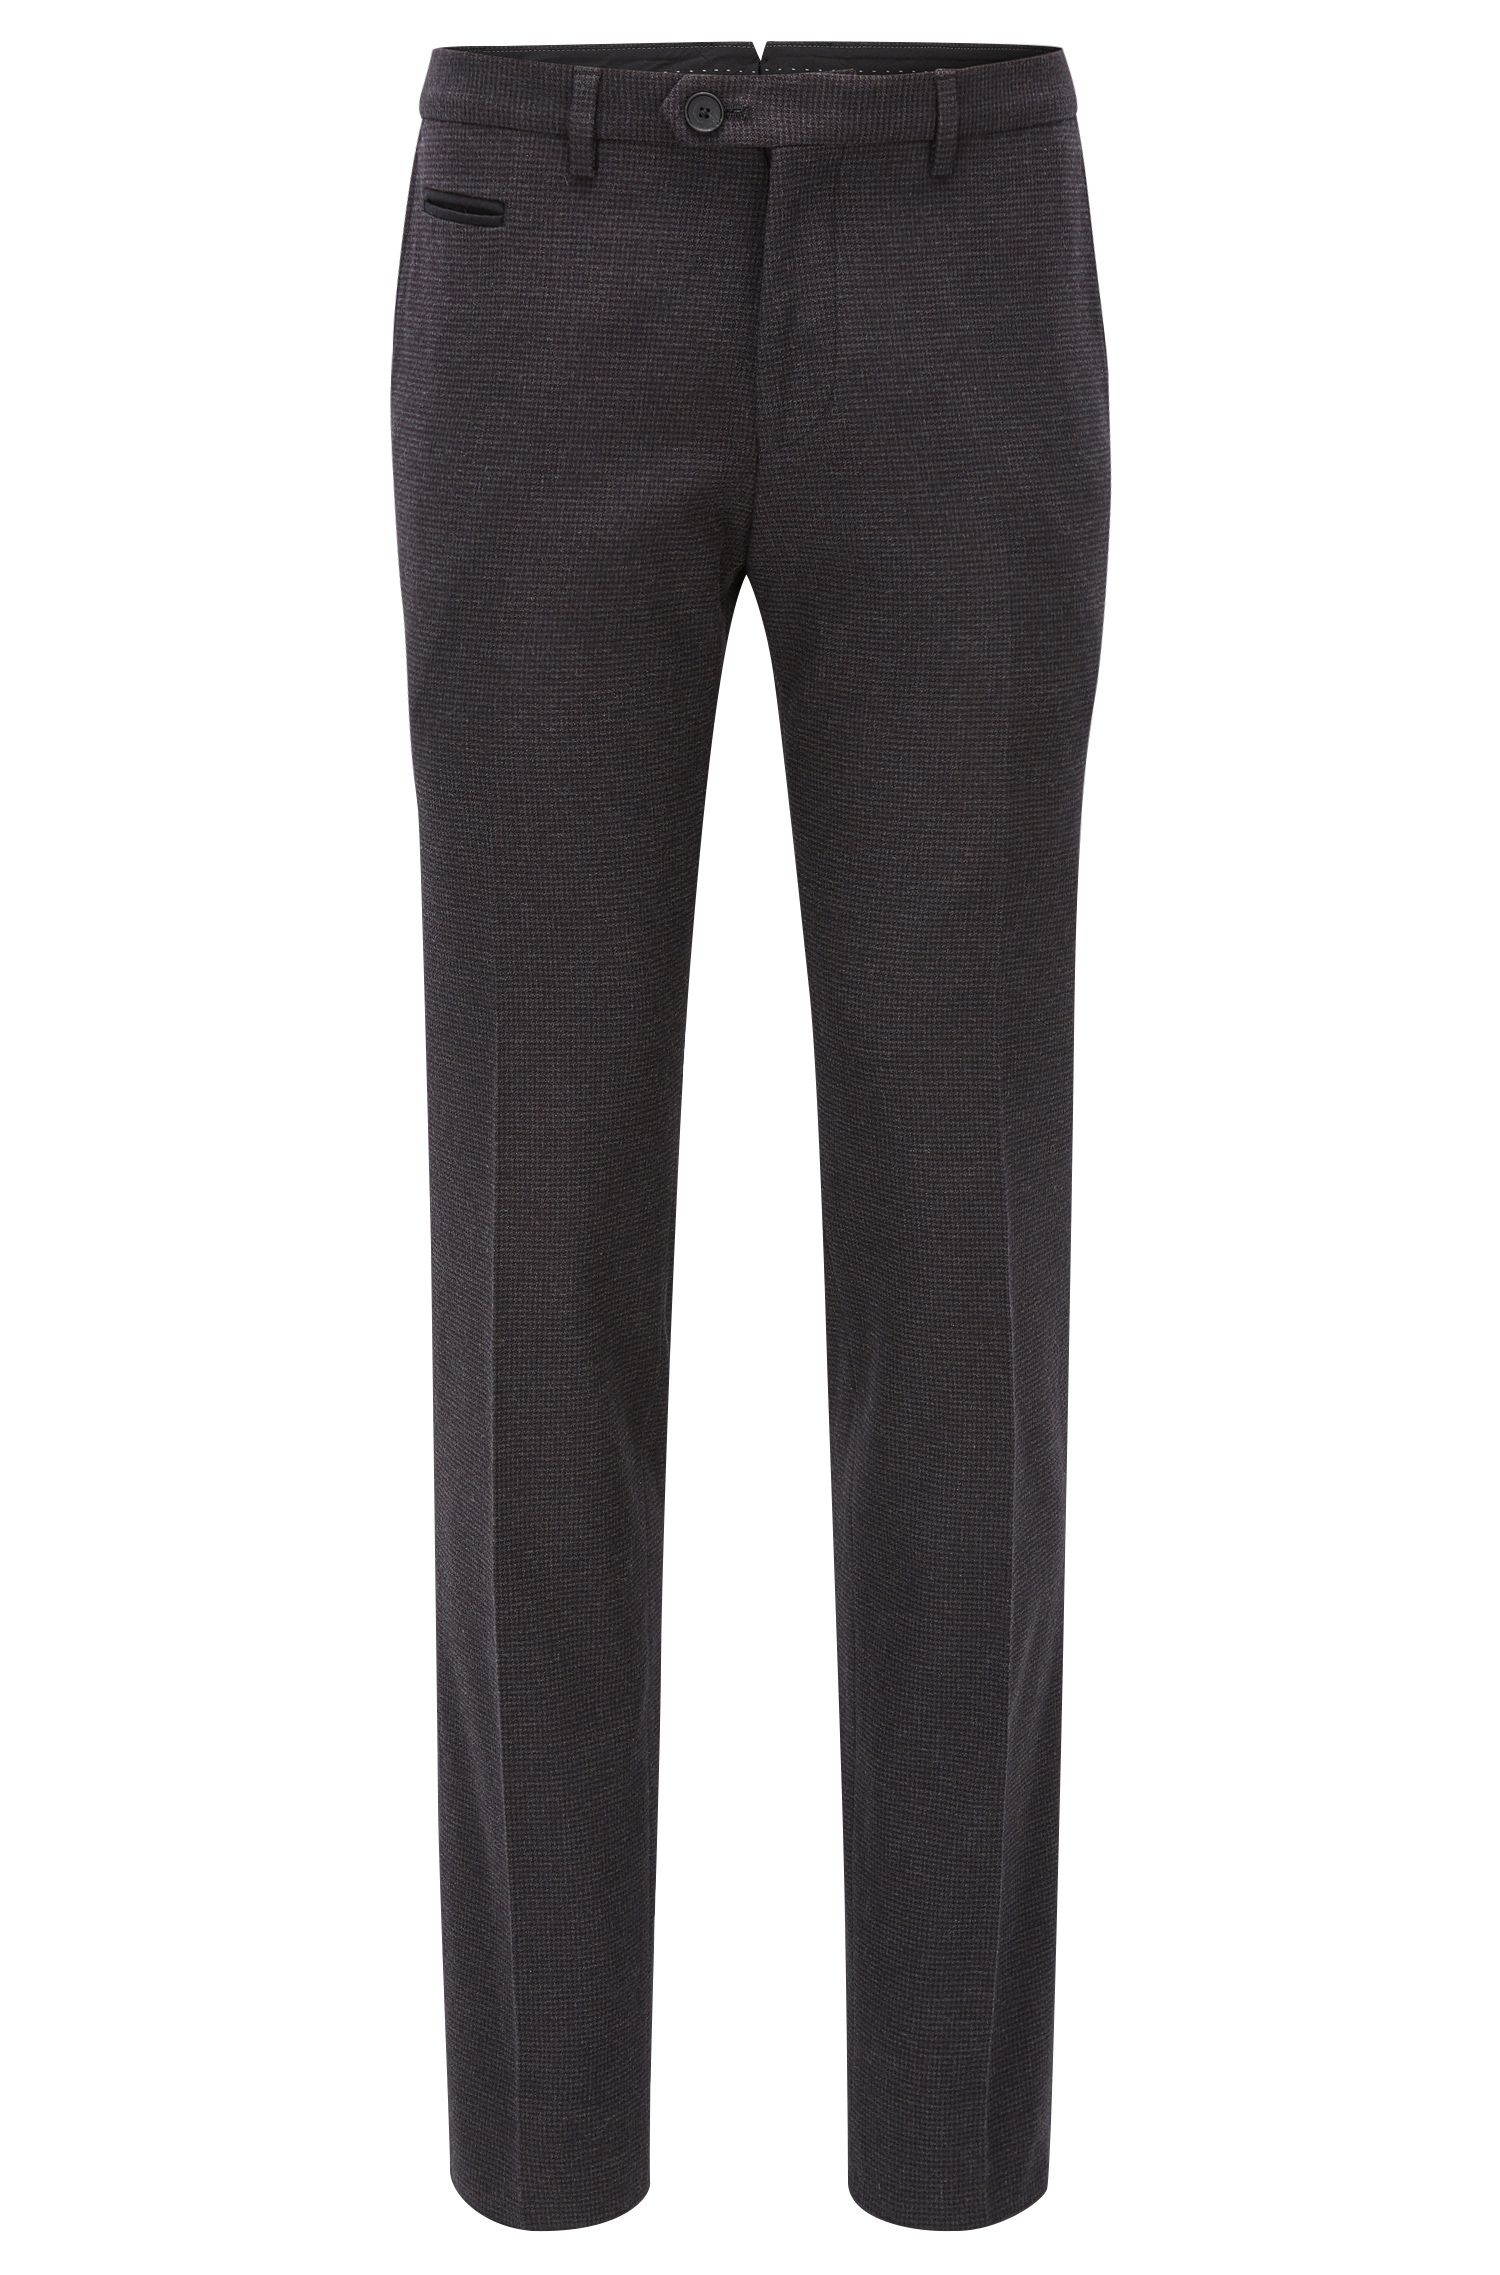 Pantaloni a quadri pied de poule extra slim fit in cotone elasticizzato